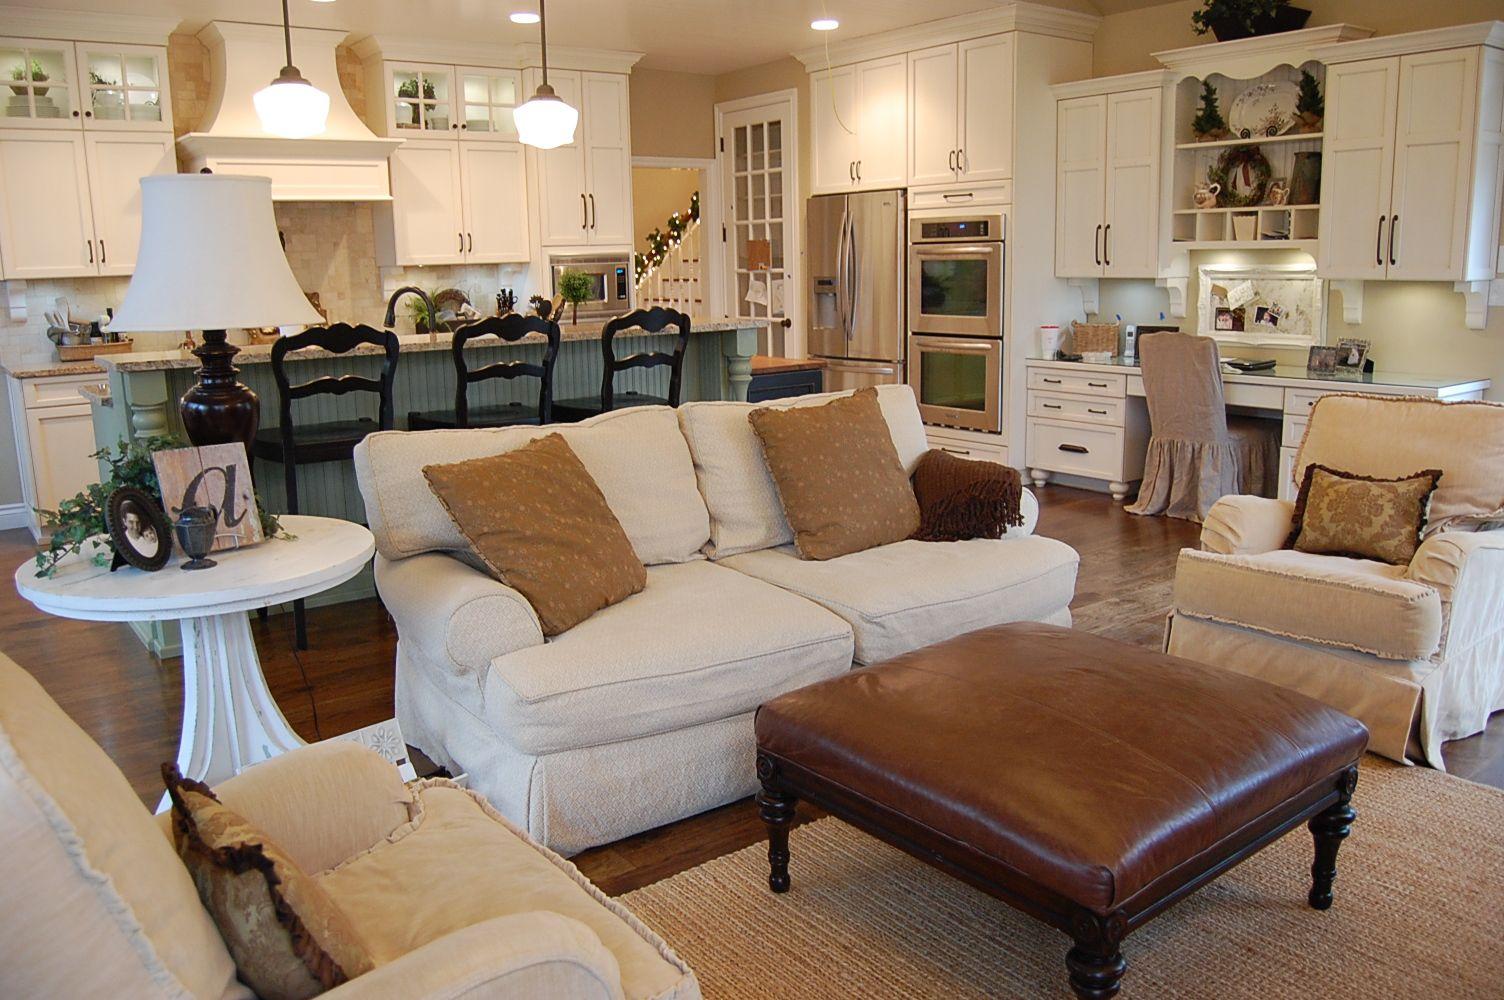 Home interiors joanne pintar designer also show house pinterest rh